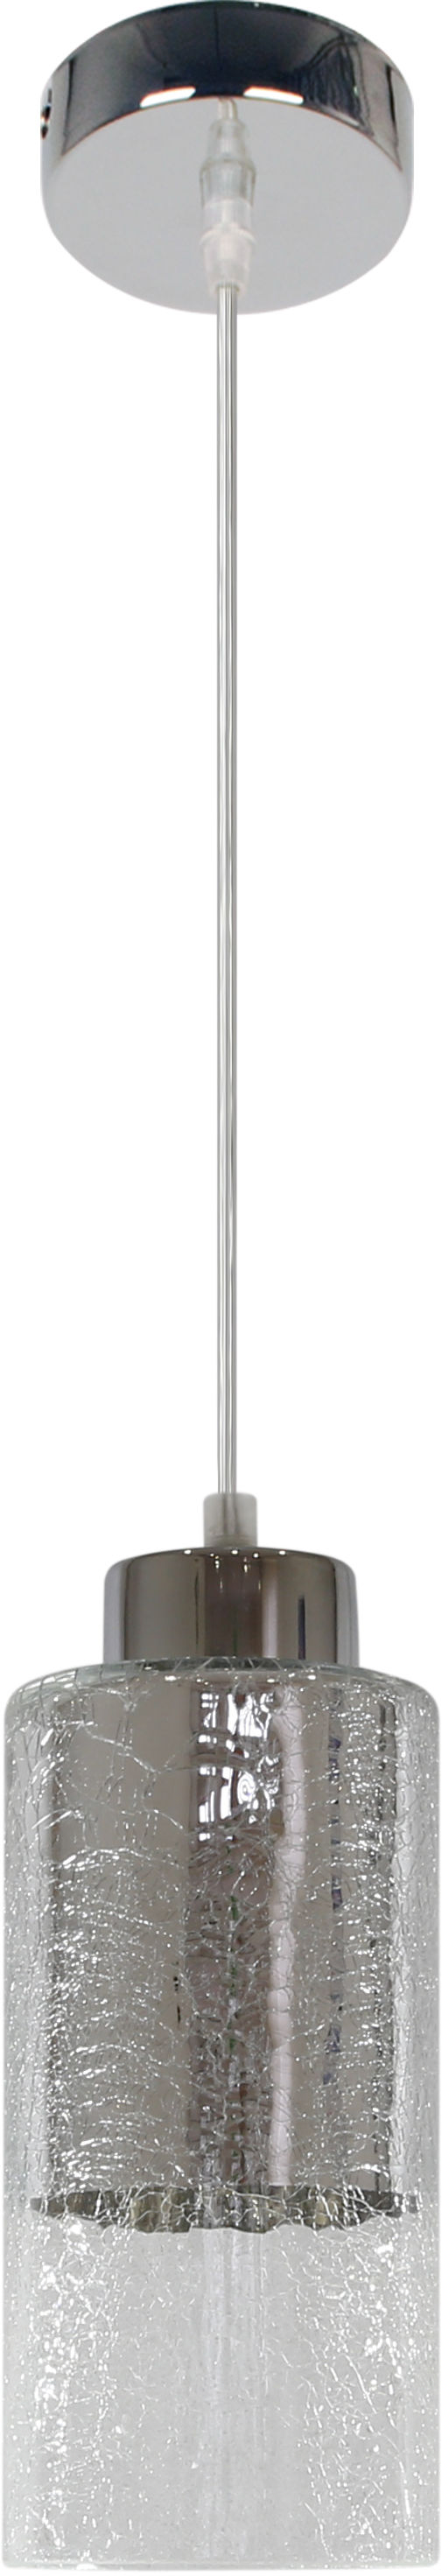 Candellux LIBANO 31-51646 lampa wisząca szklany klosz srebrna 1X60W E27 10cm